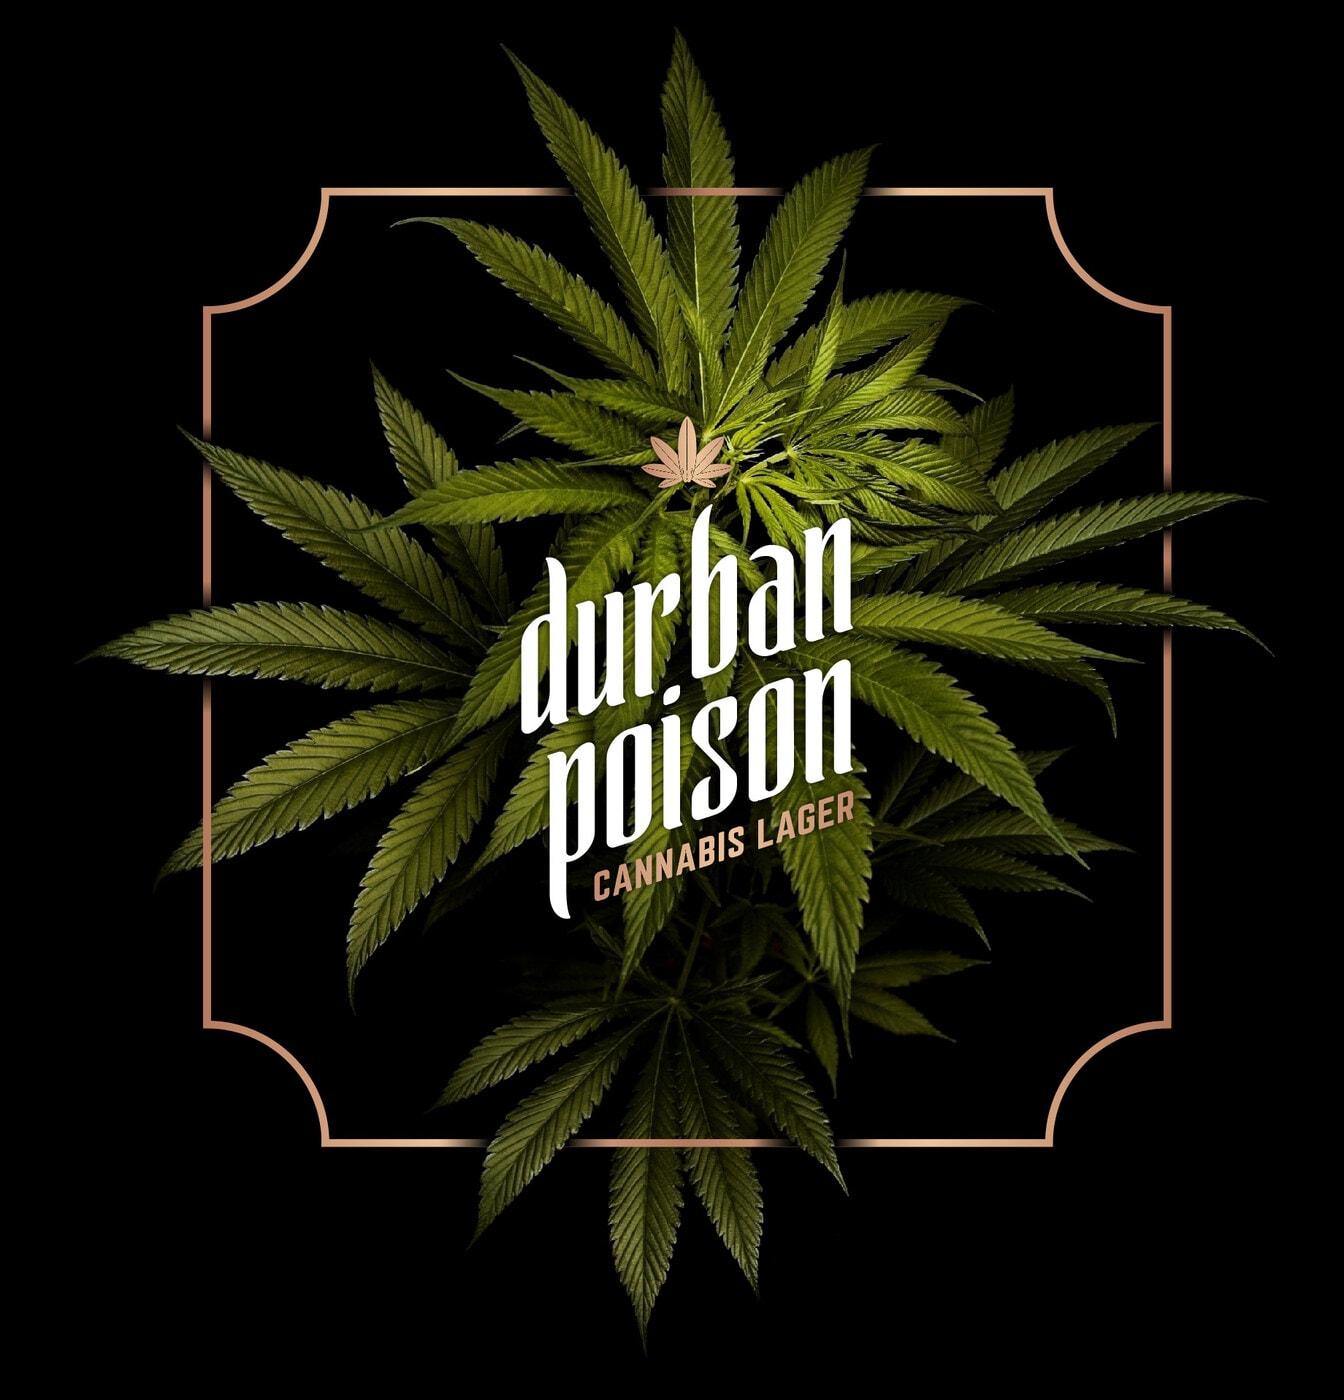 durban poison cannabis lager 2